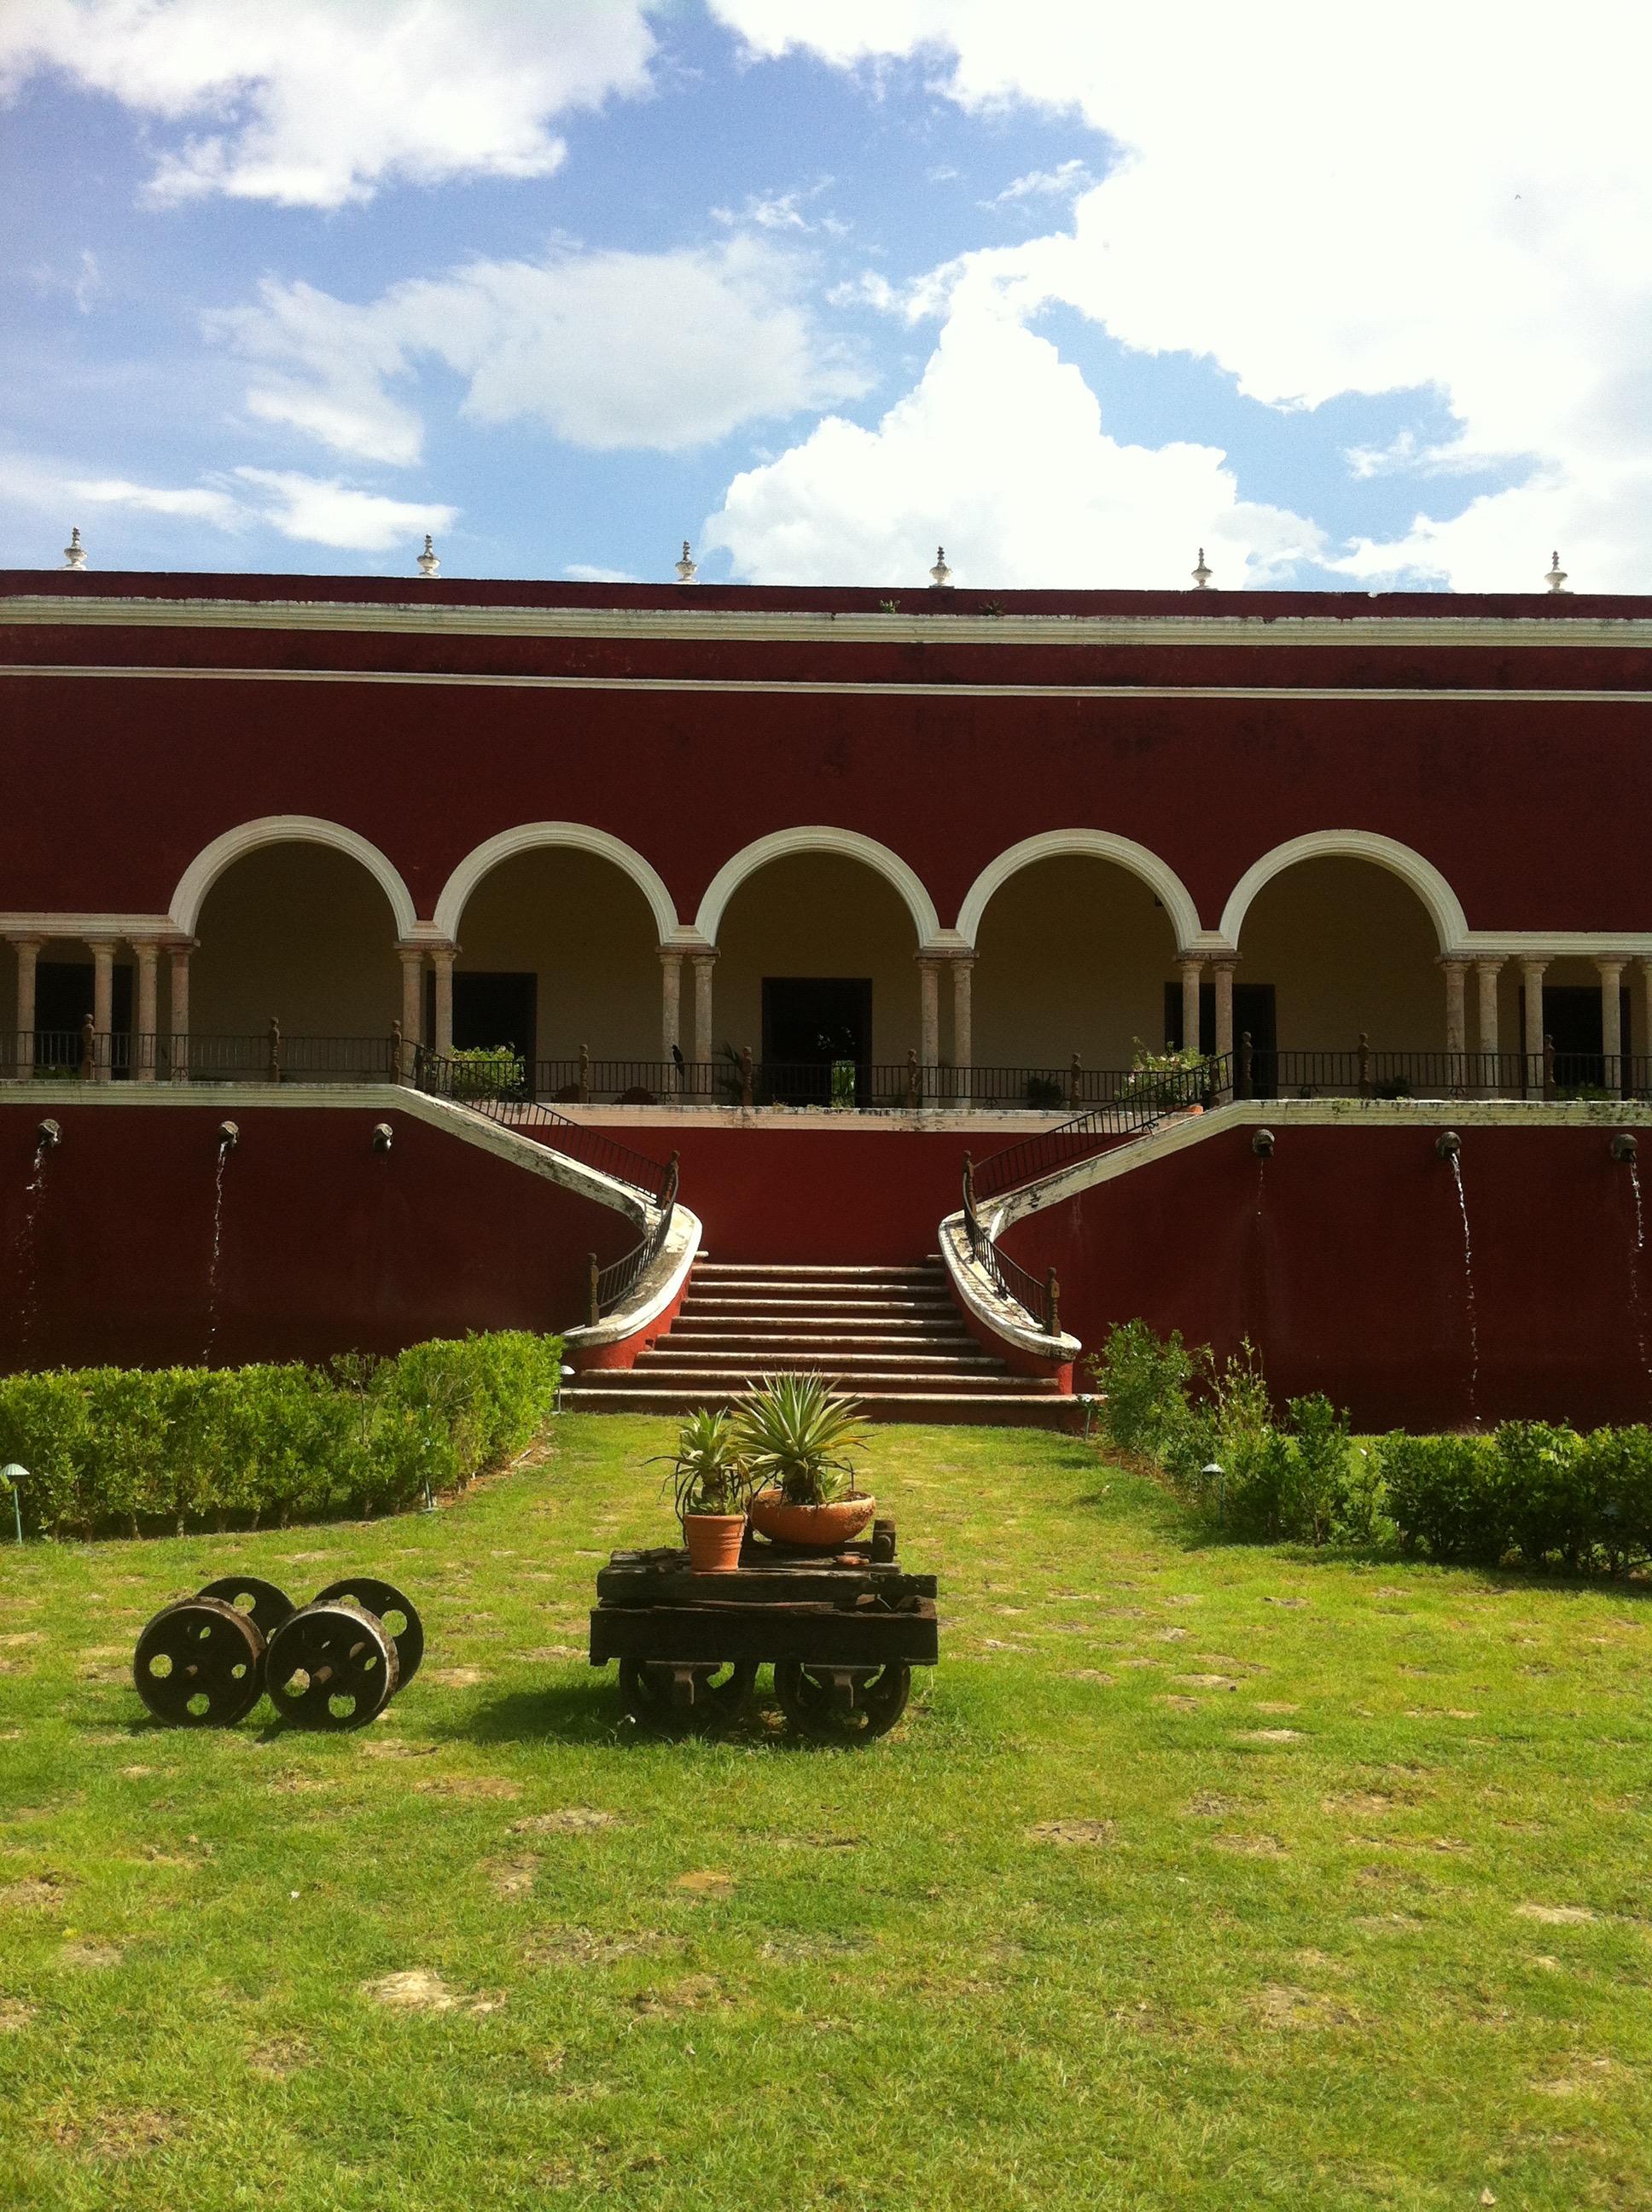 TRAVEL YUCATAN - The Haciendas of the Yucatan: History and Renaissance     Photo Credit: Susannah Rigg